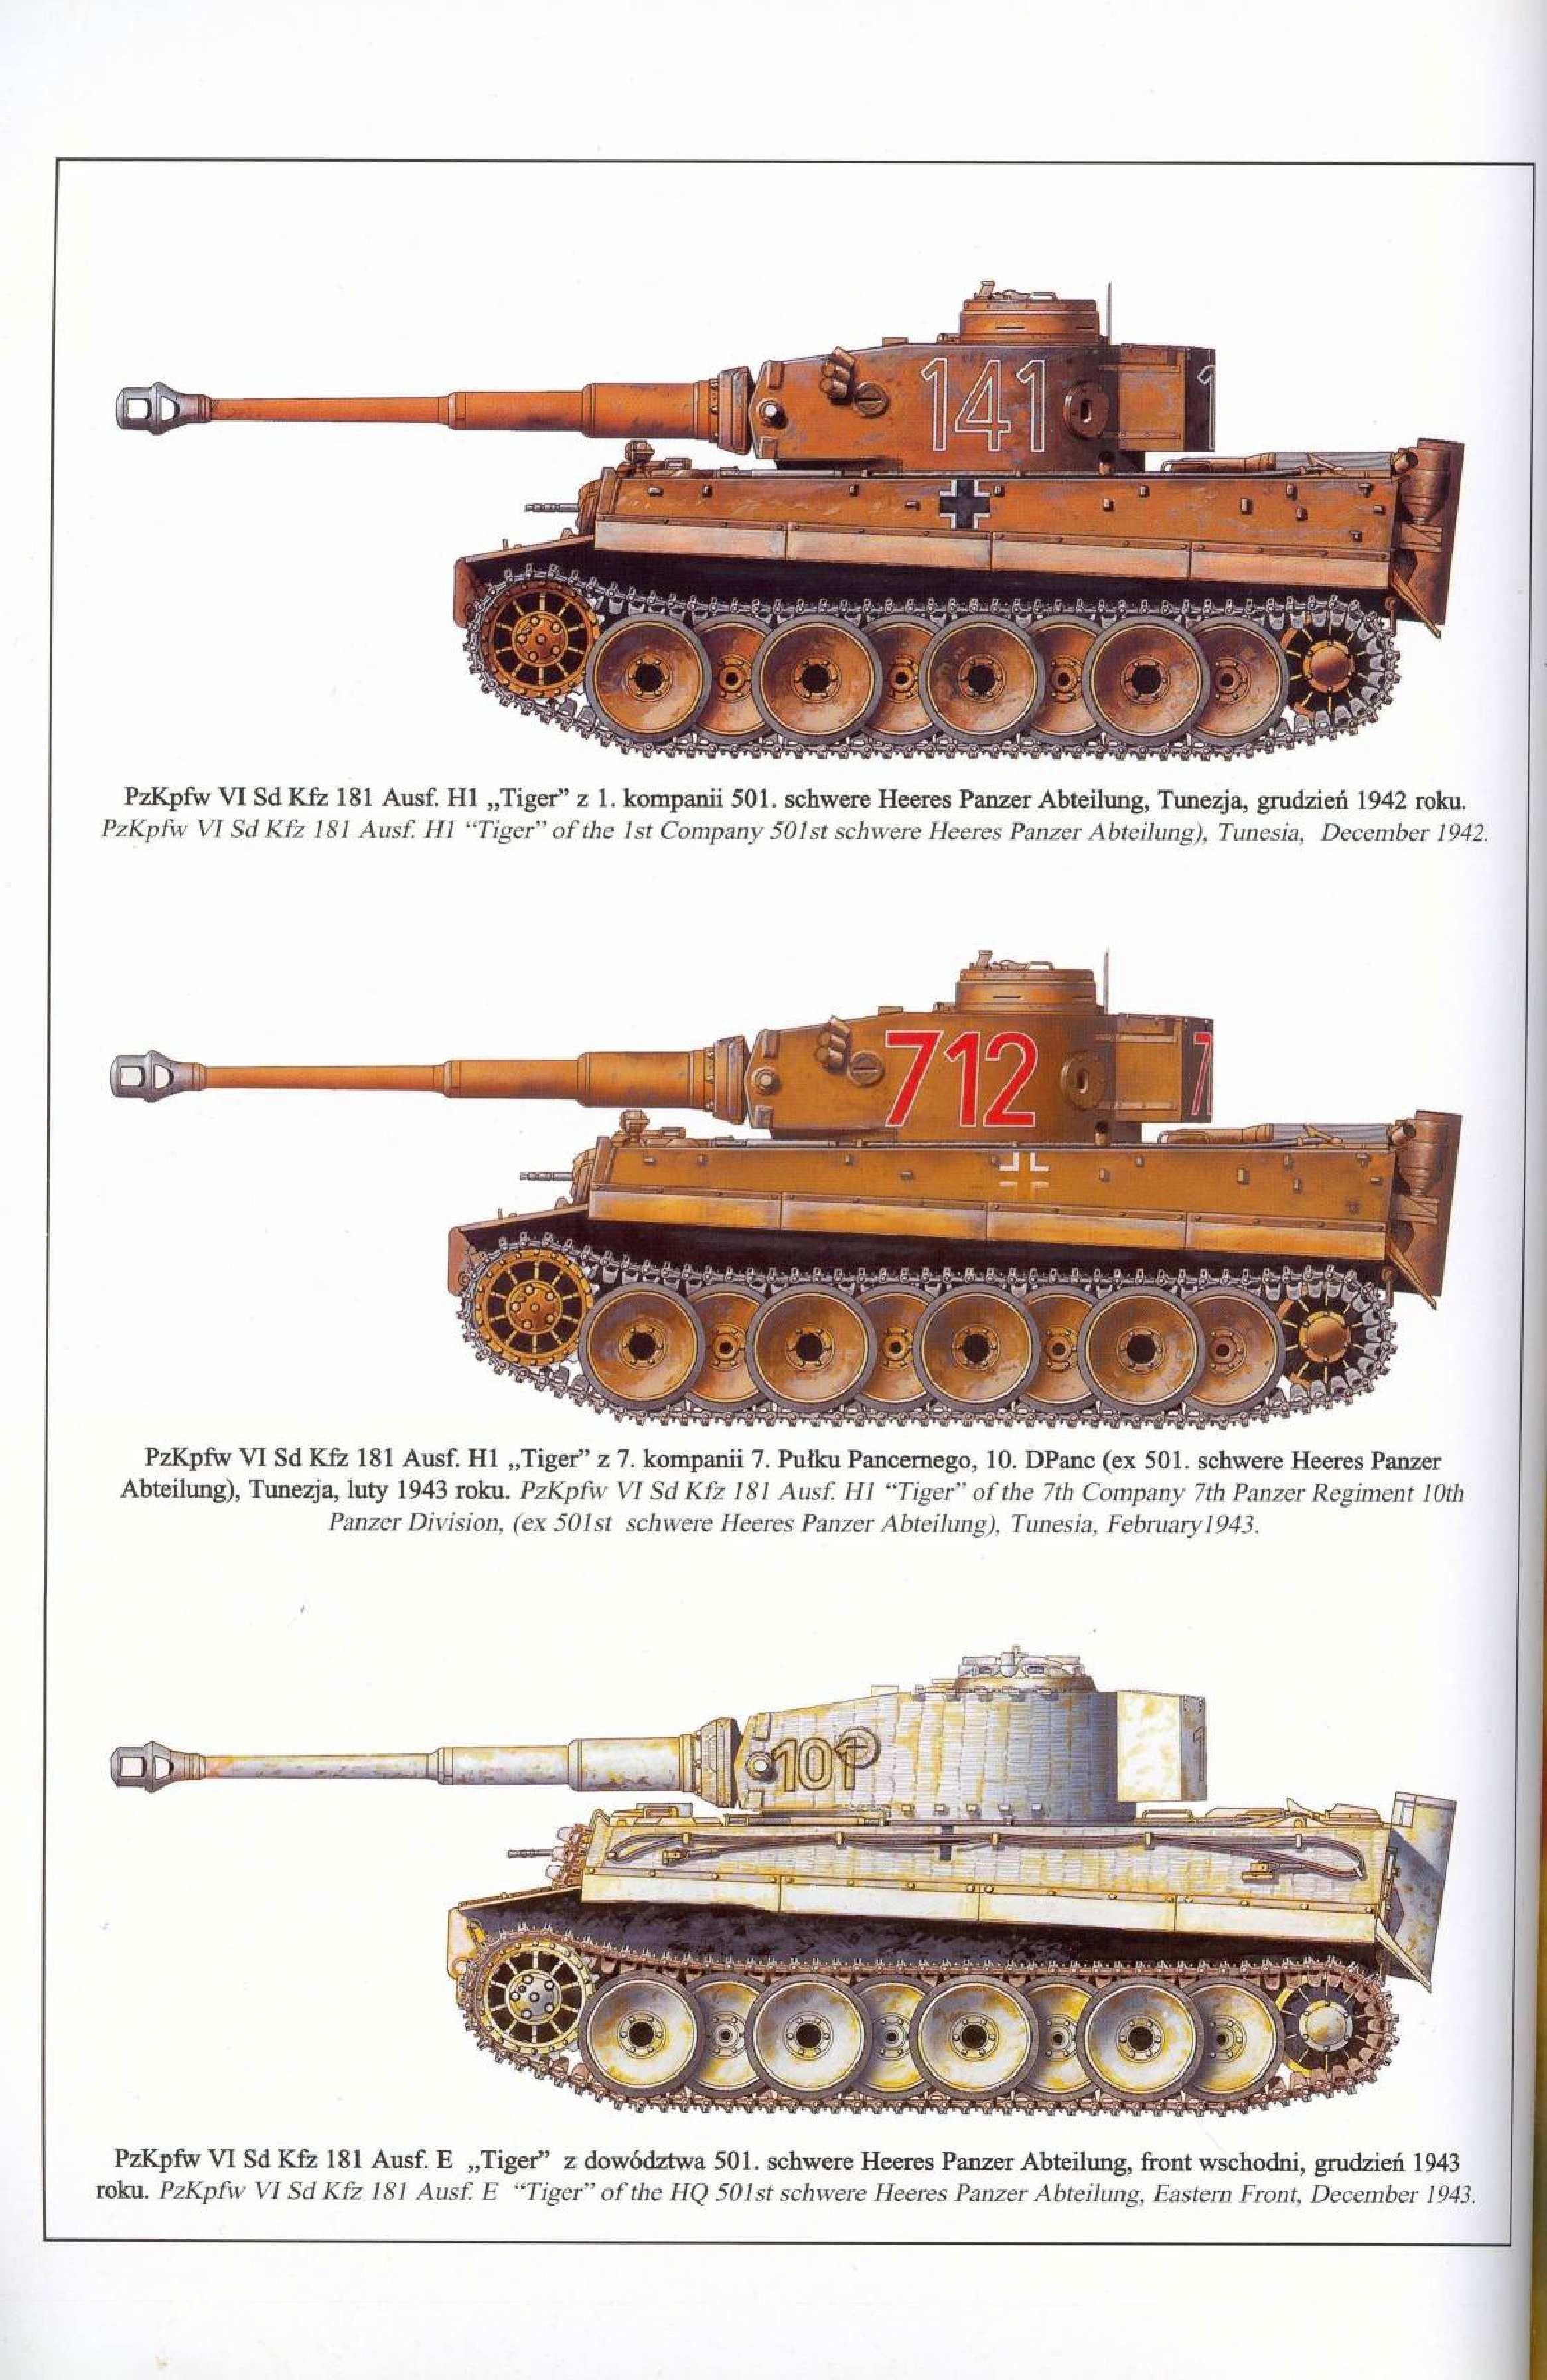 虎式坦克cad图纸_谁有虎式坦克的图纸,做模型用的_百度知道